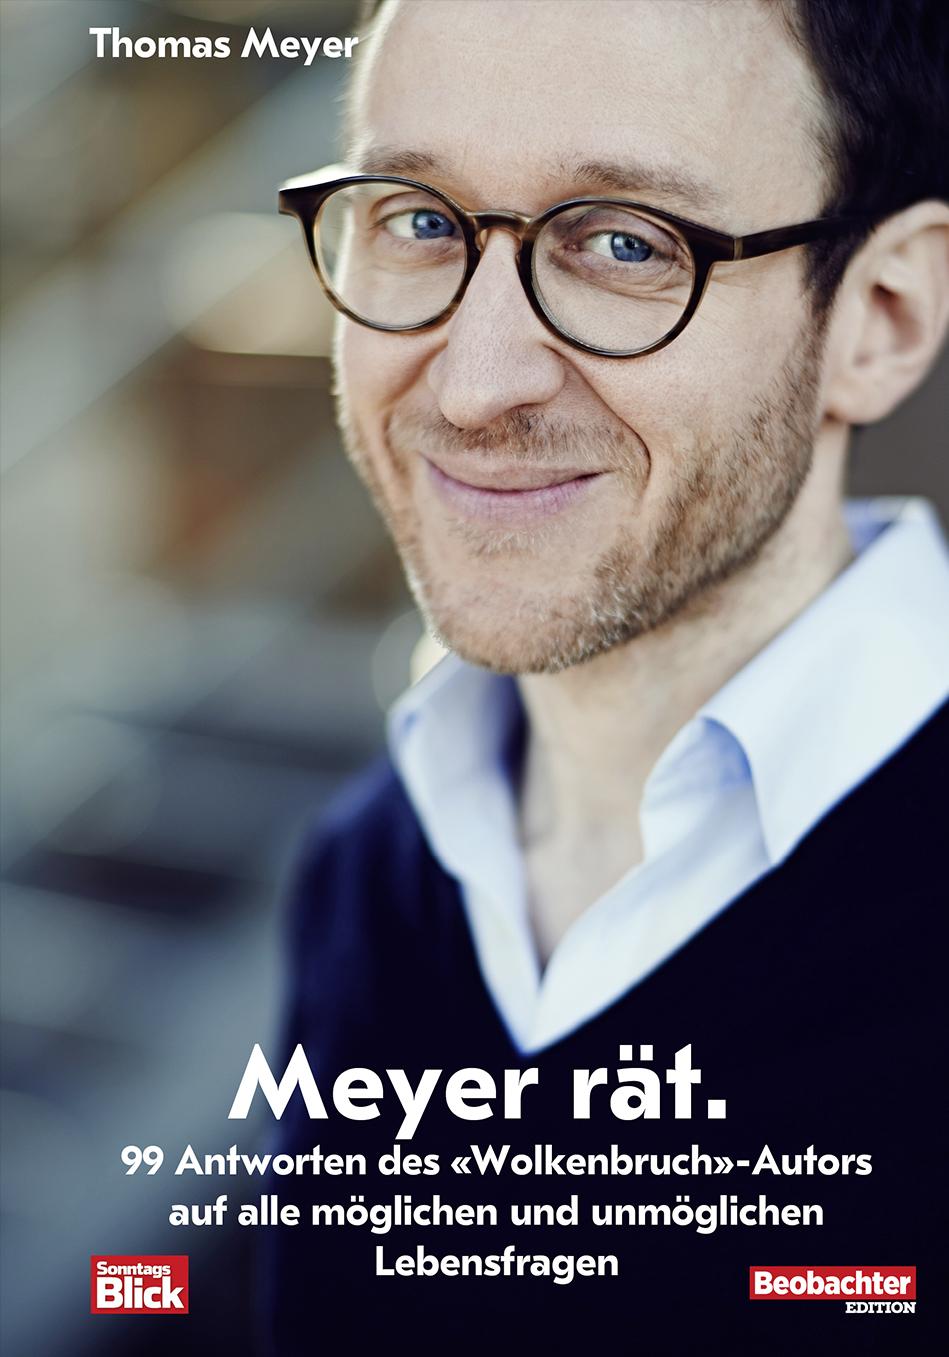 Meyer rät